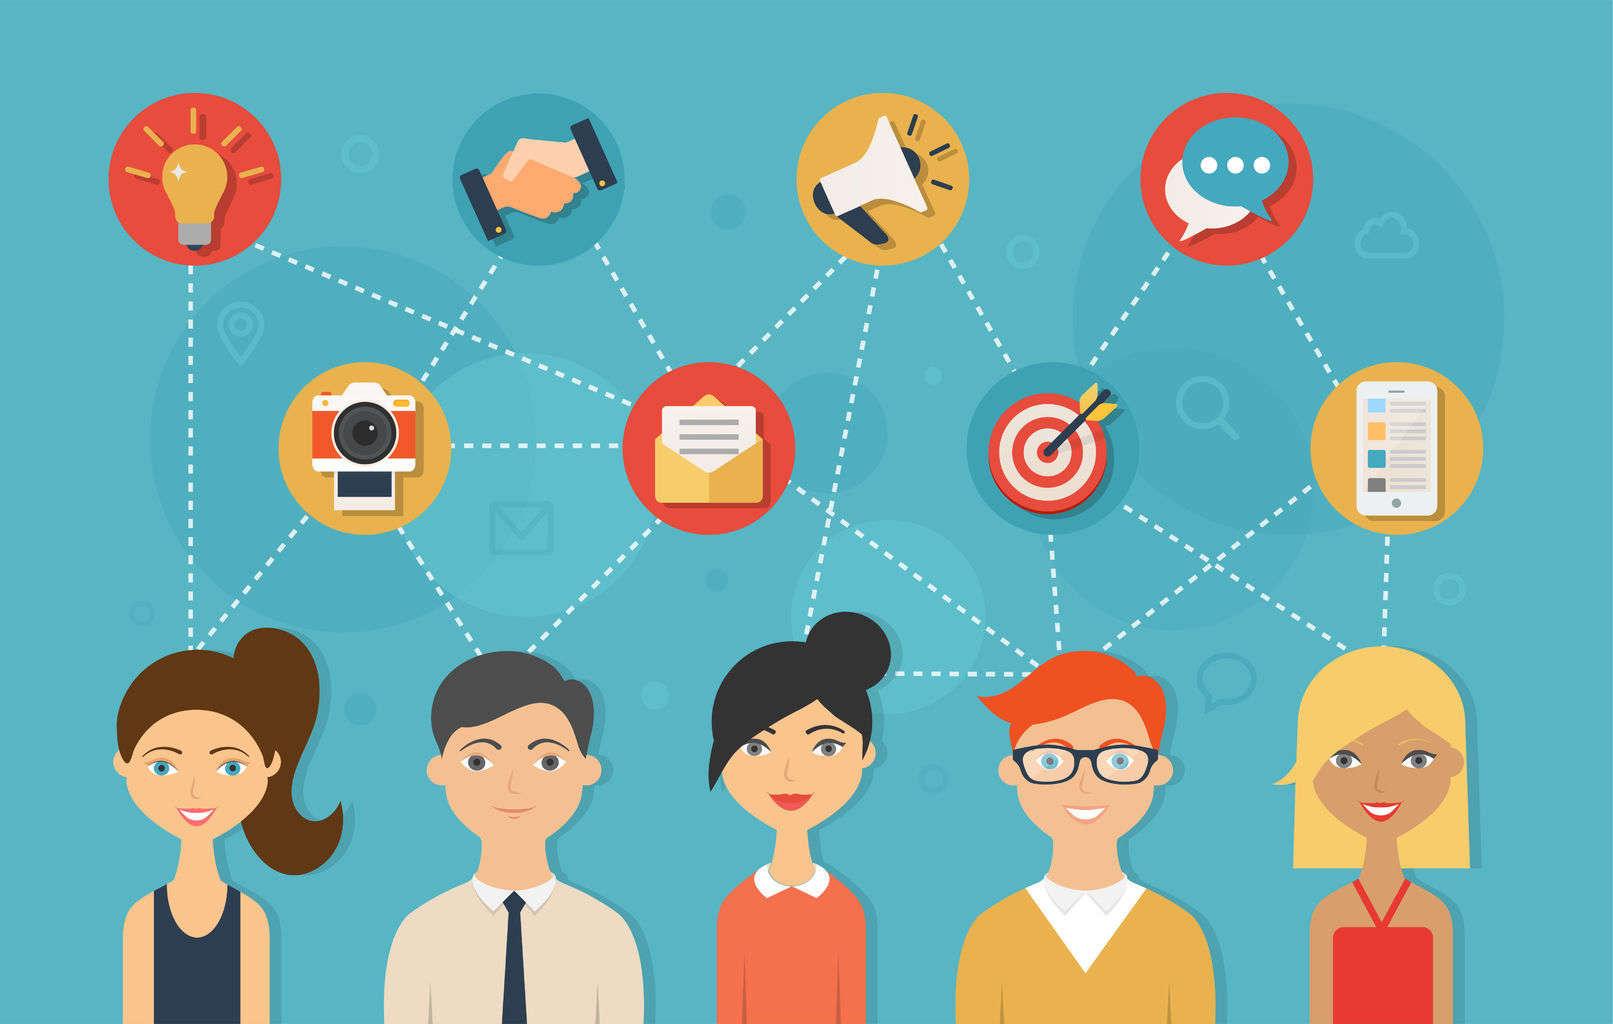 аутсорсинг сообщество в социальных сетях